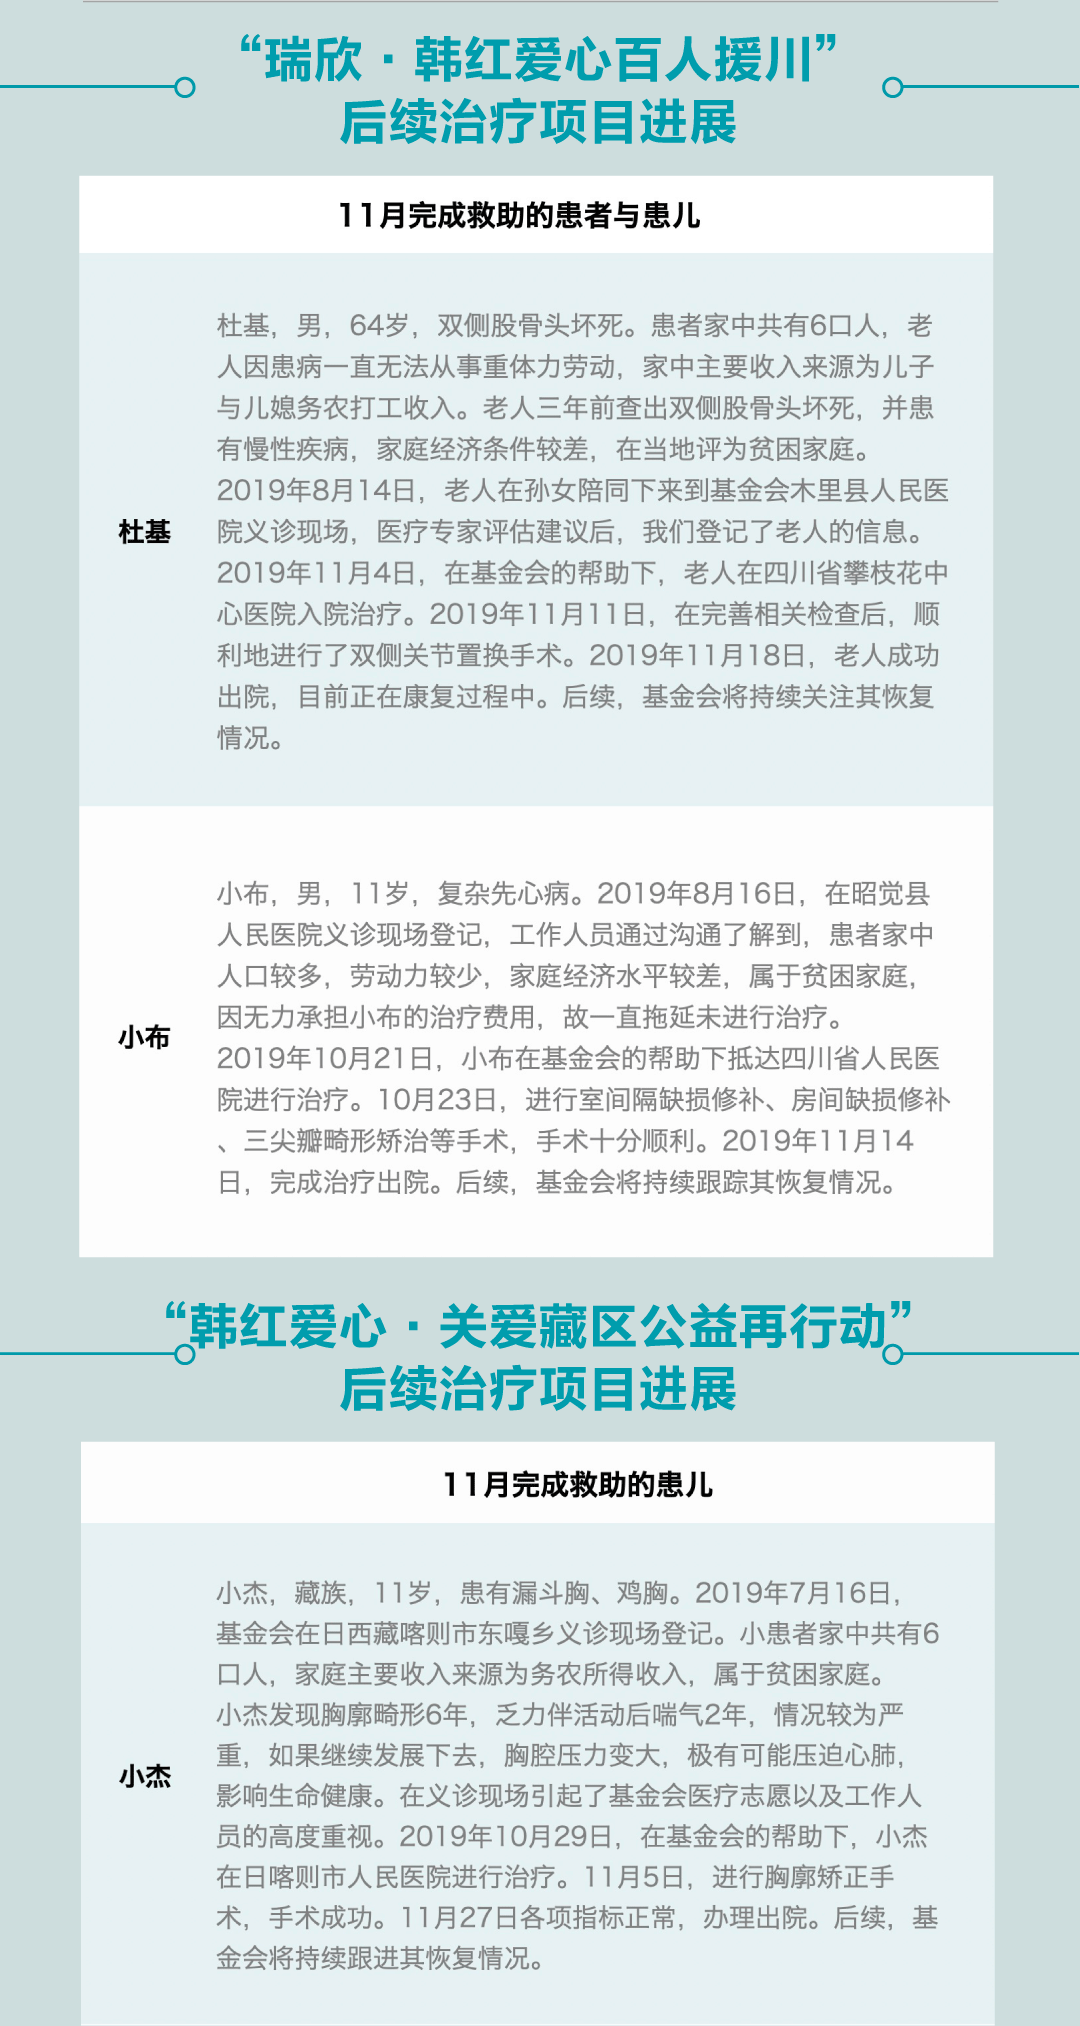 11月份月報_04.png